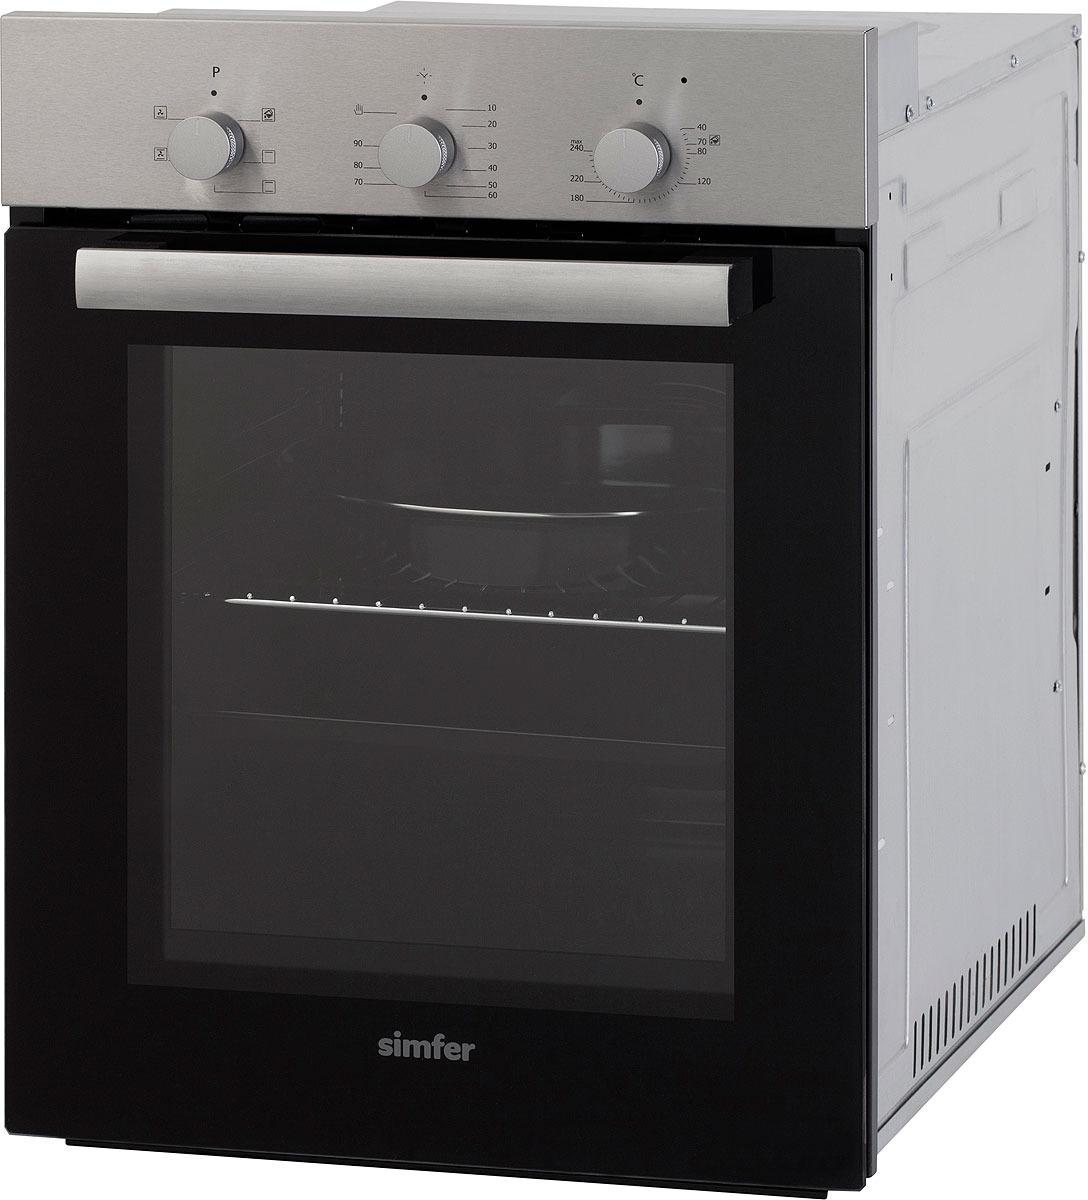 Духовой шкаф Simfer B4EM16012, встраиваемый, цвет: серебристый цена